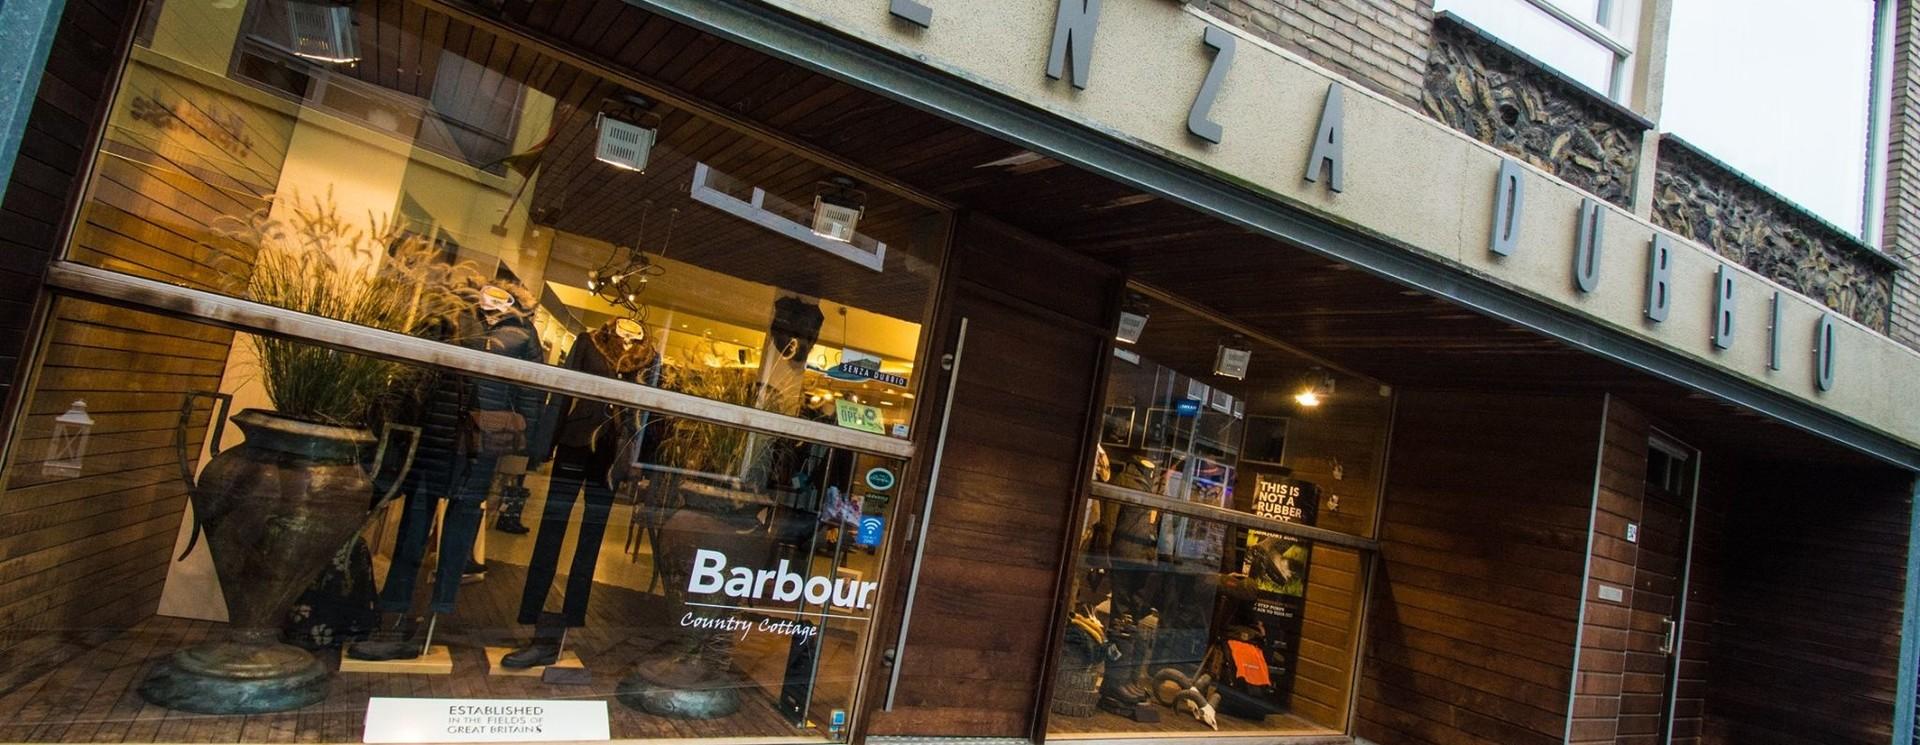 Senza Dubbio, Route winkel locatie & Openingstijden.